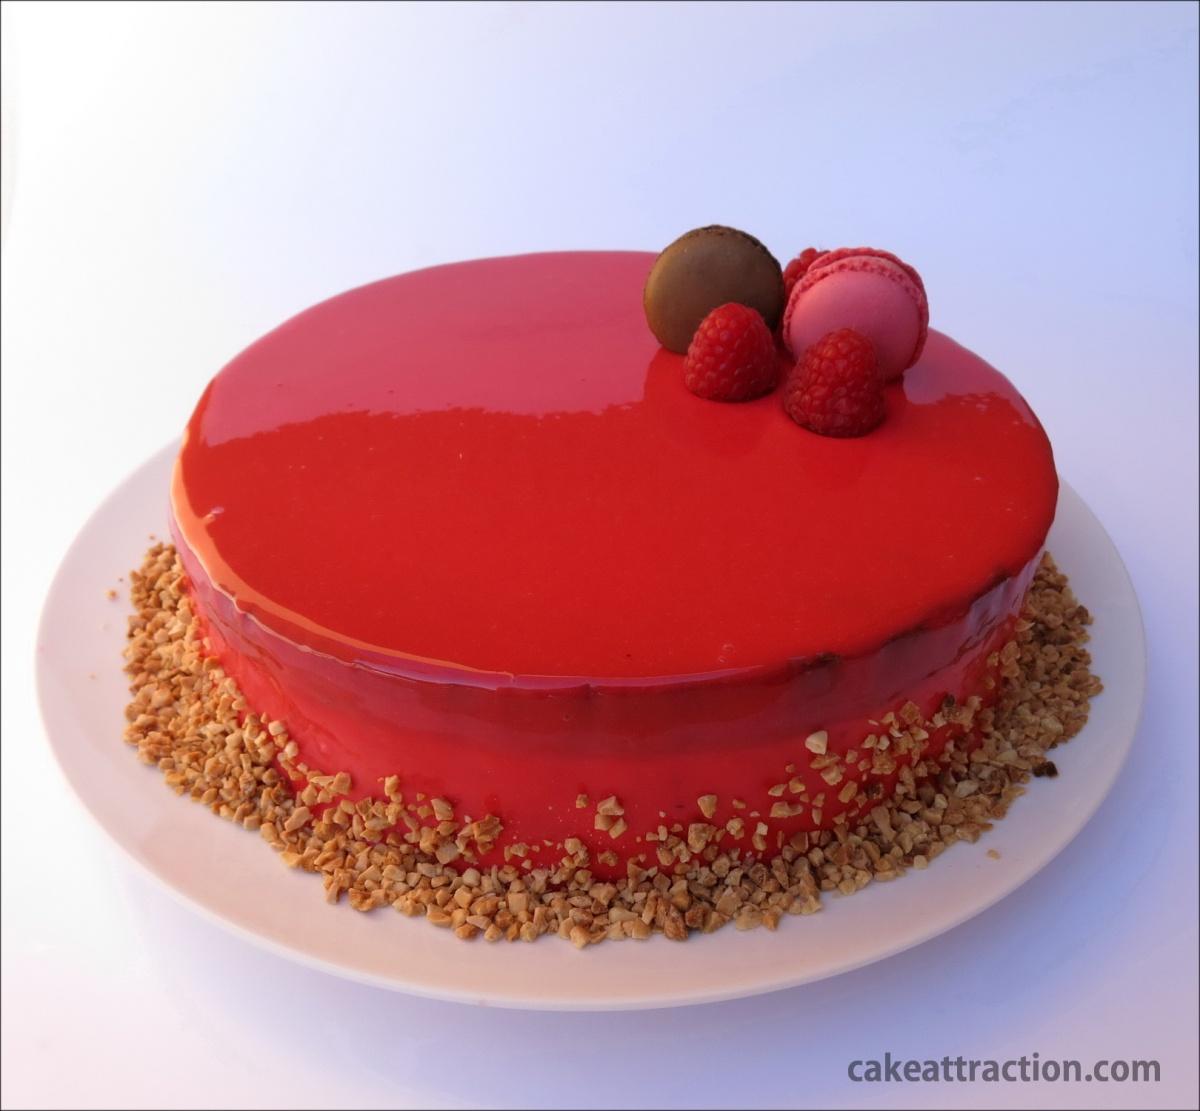 Mousse de Chocolate y Frambuesa (con glaseado espejo rojo)